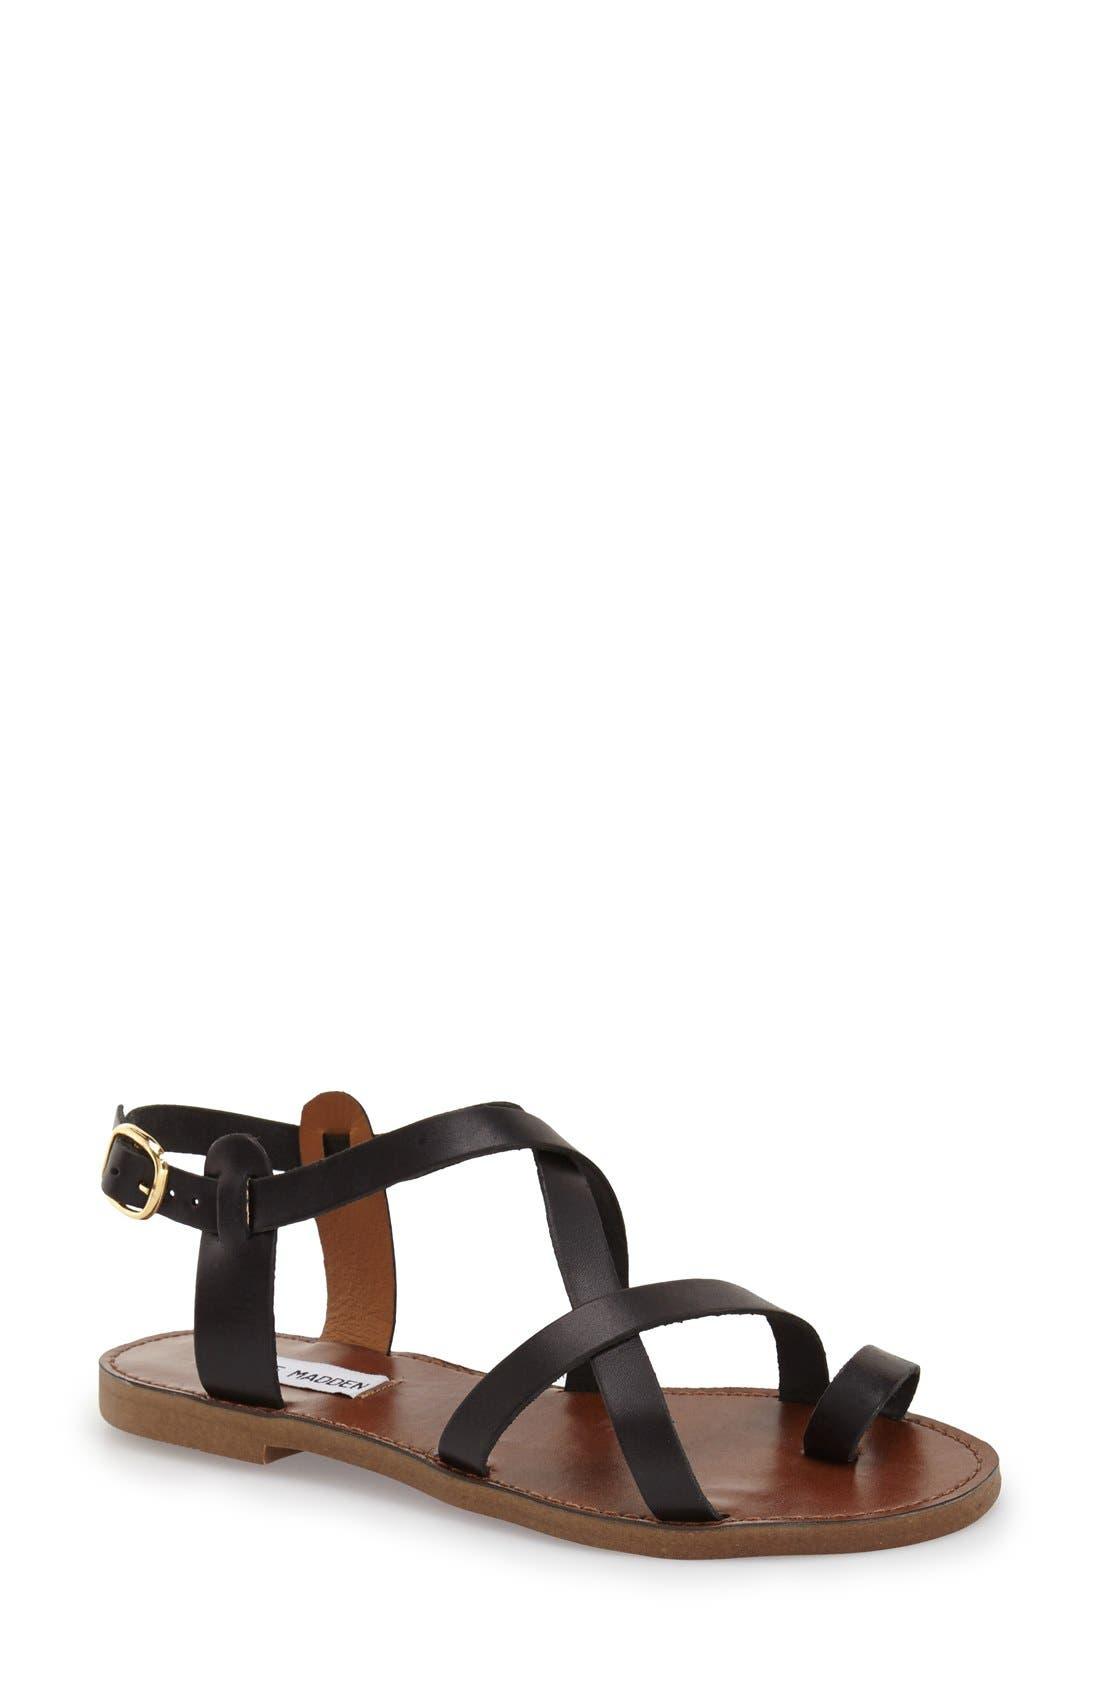 Alternate Image 1 Selected - Steve Madden 'Agathist' Leather Ankle Strap Sandal (Women)